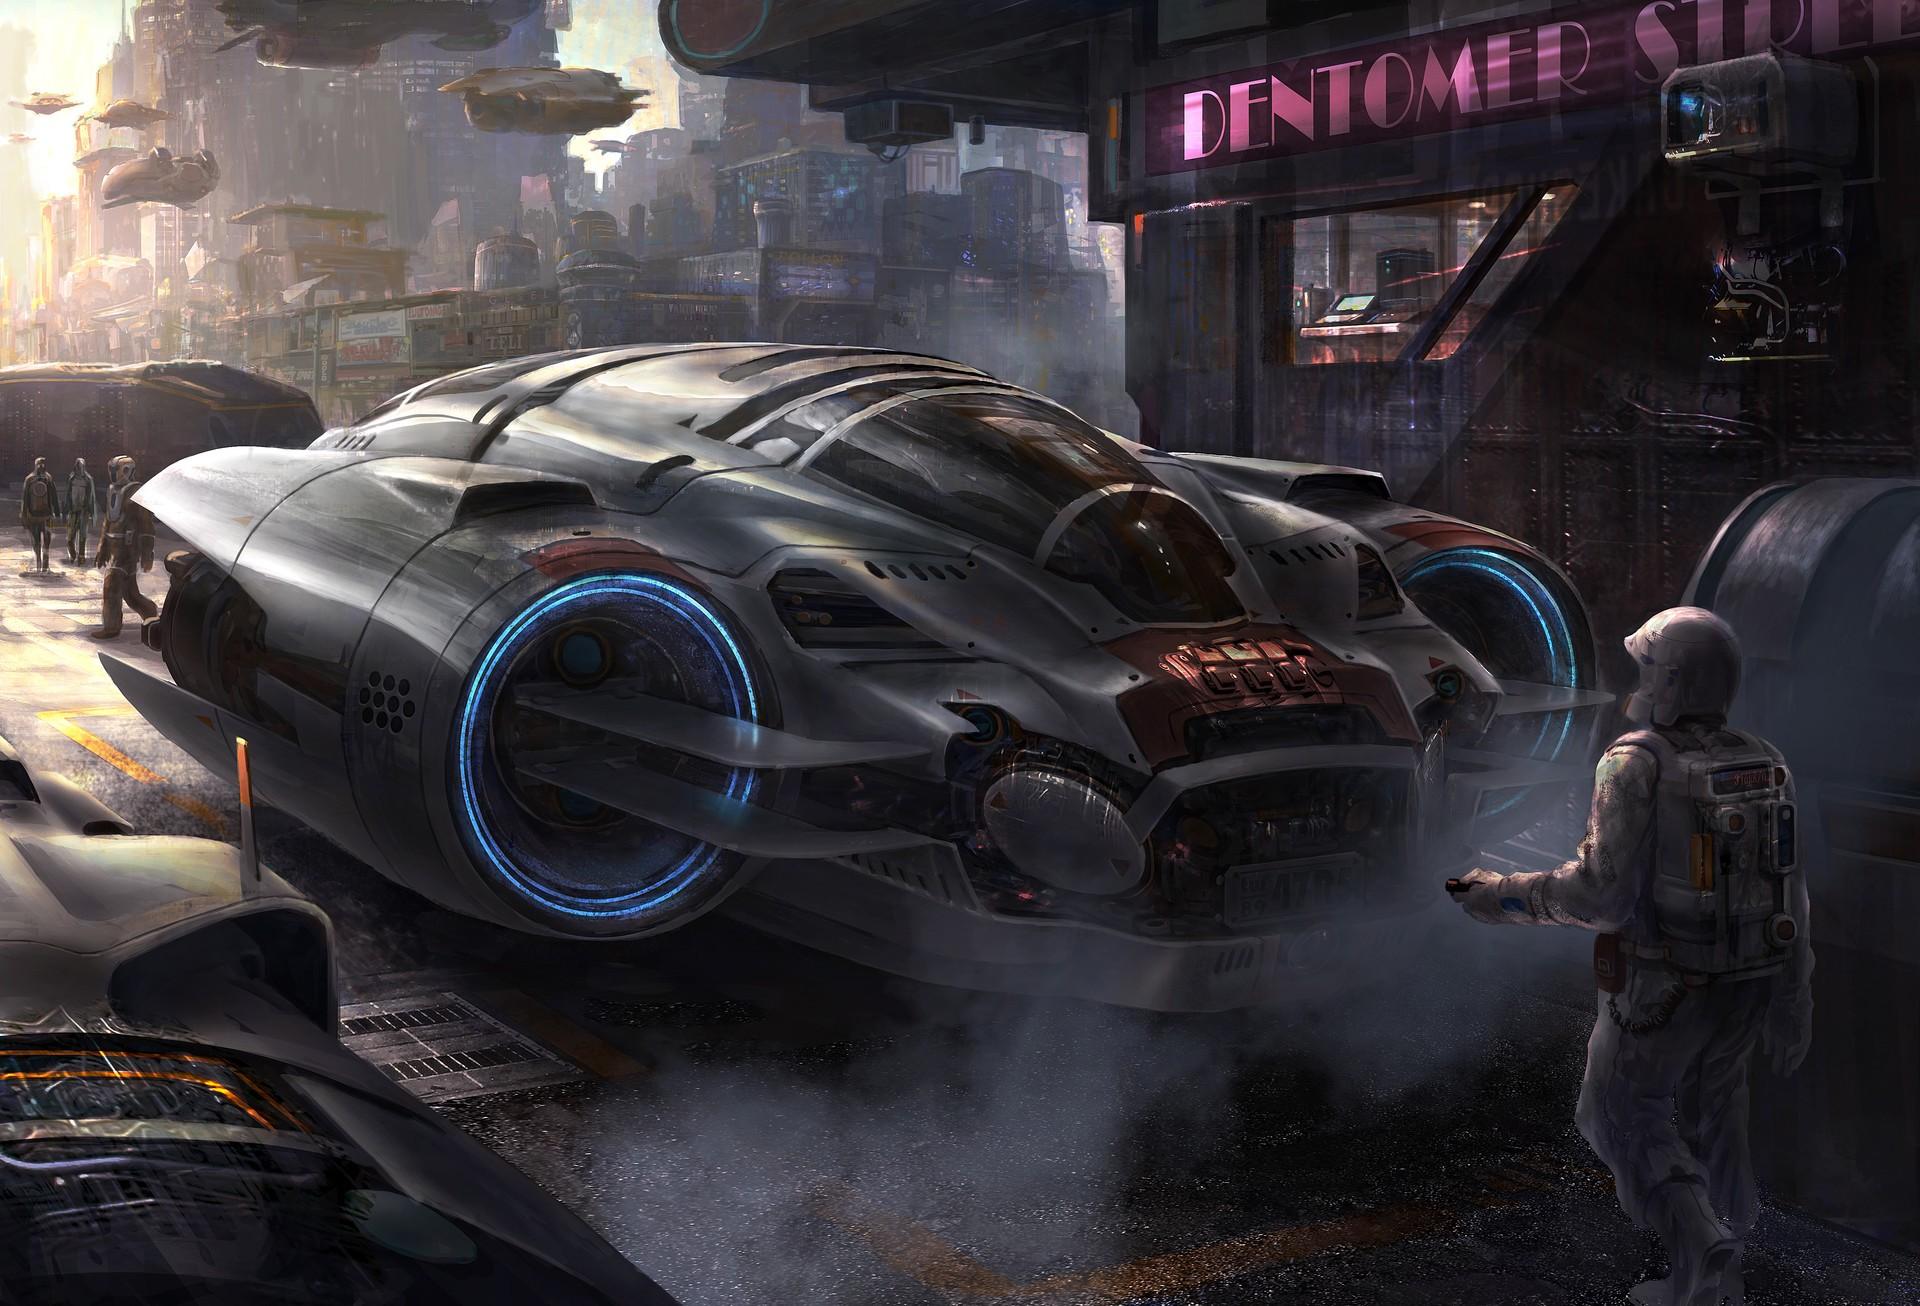 Wallpaper : vehicle, artwork, science fiction, concept art, Porsche